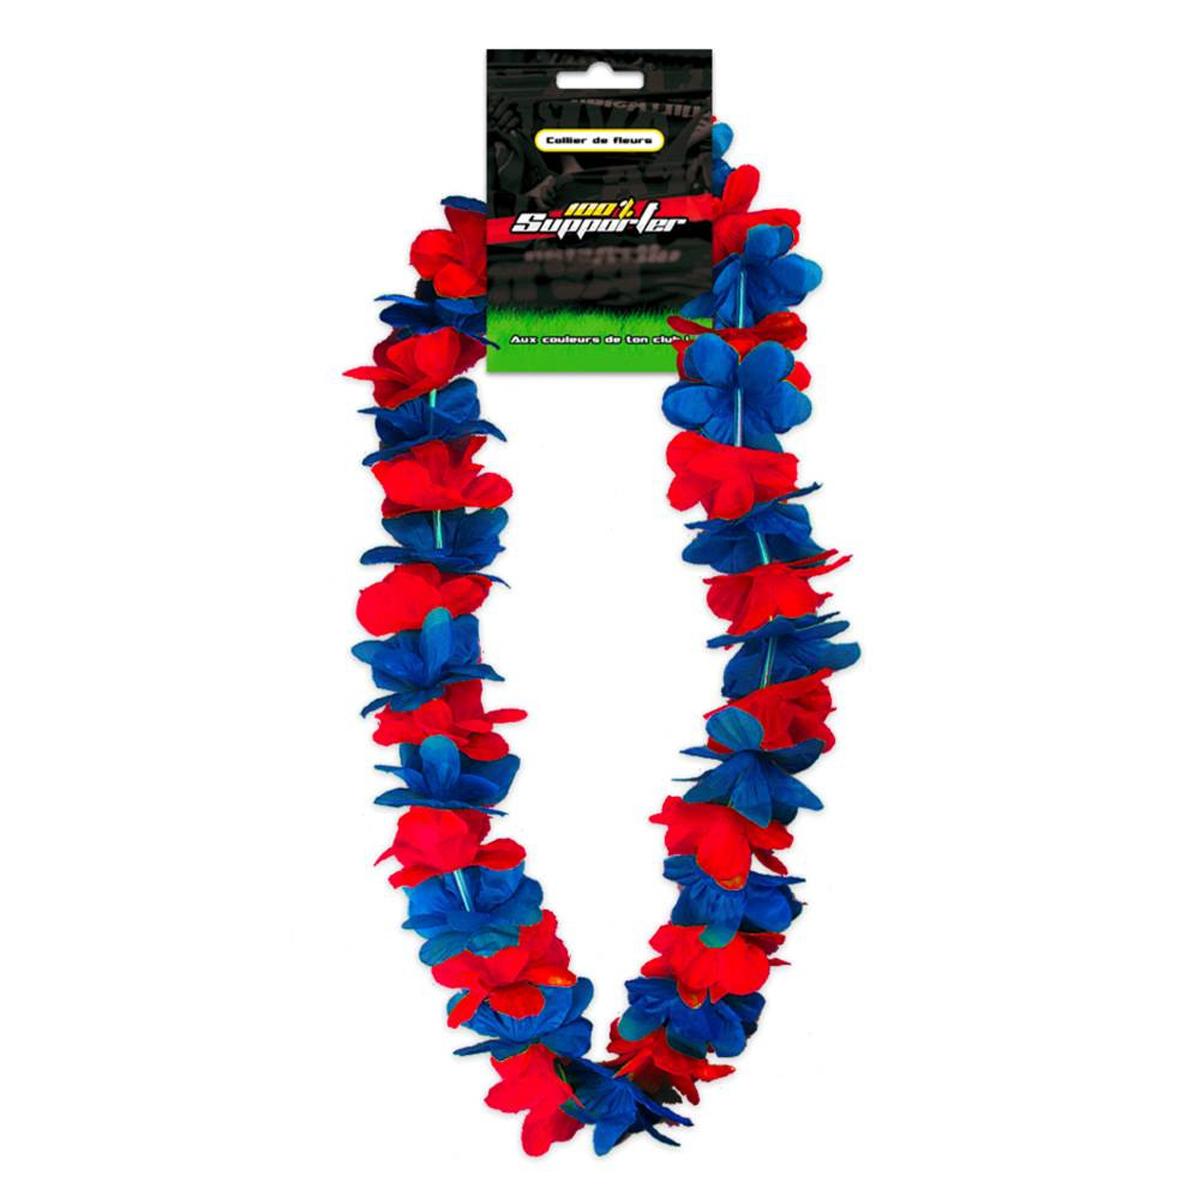 Collier de fleurs \'Coloriage\' bleu rouge (supporter) - 50 cm - [Q7181]